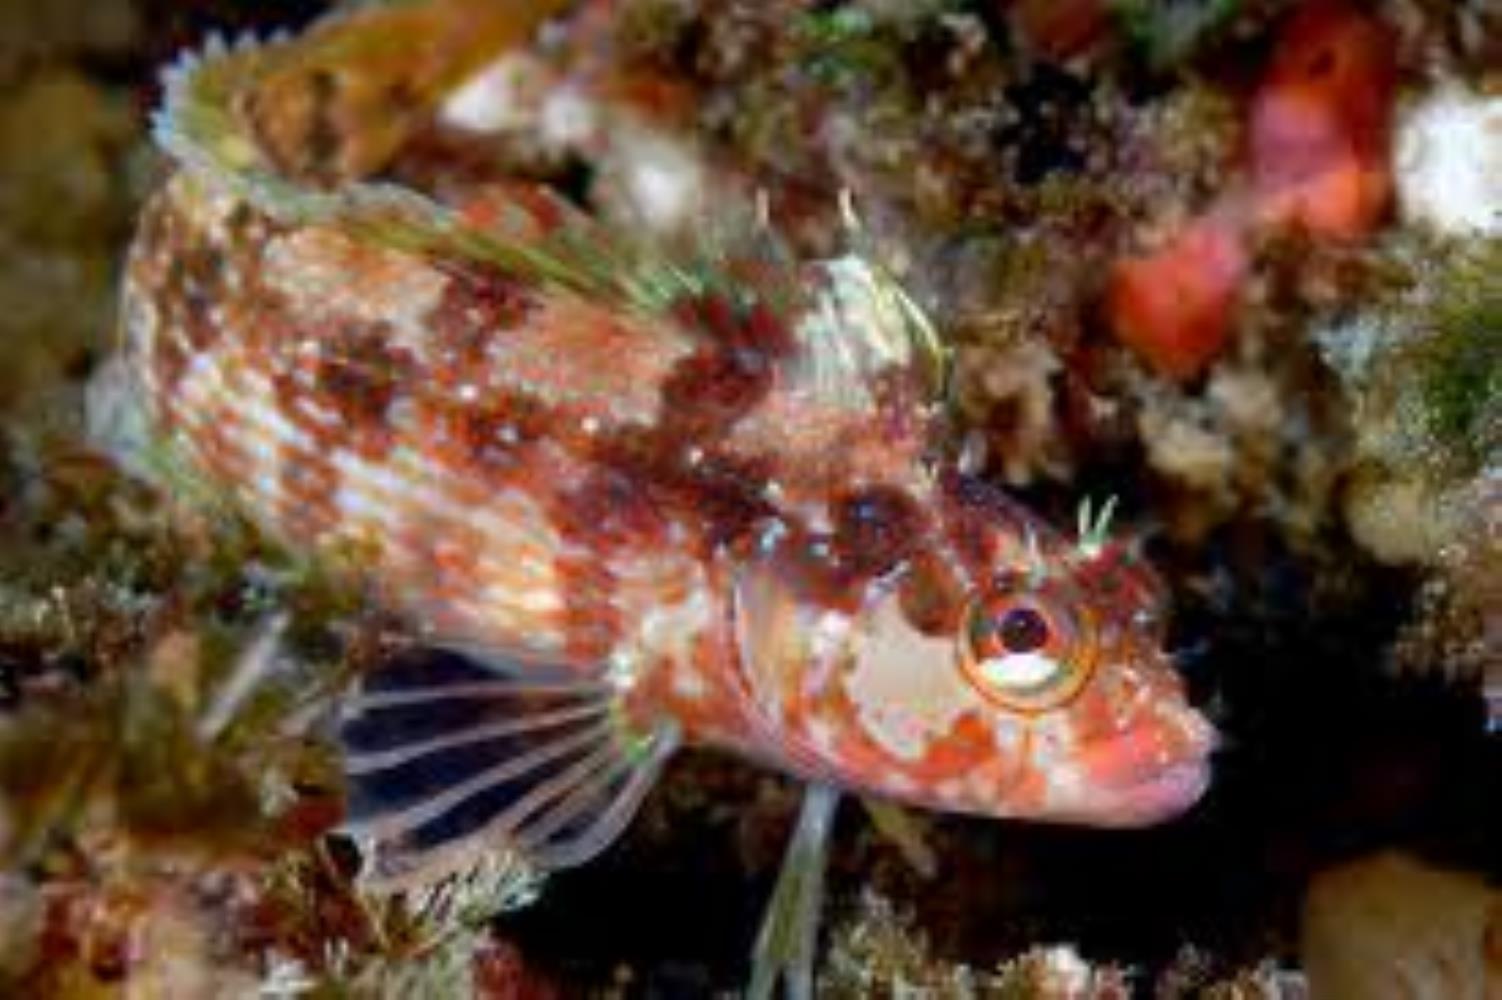 Island Kelpfish